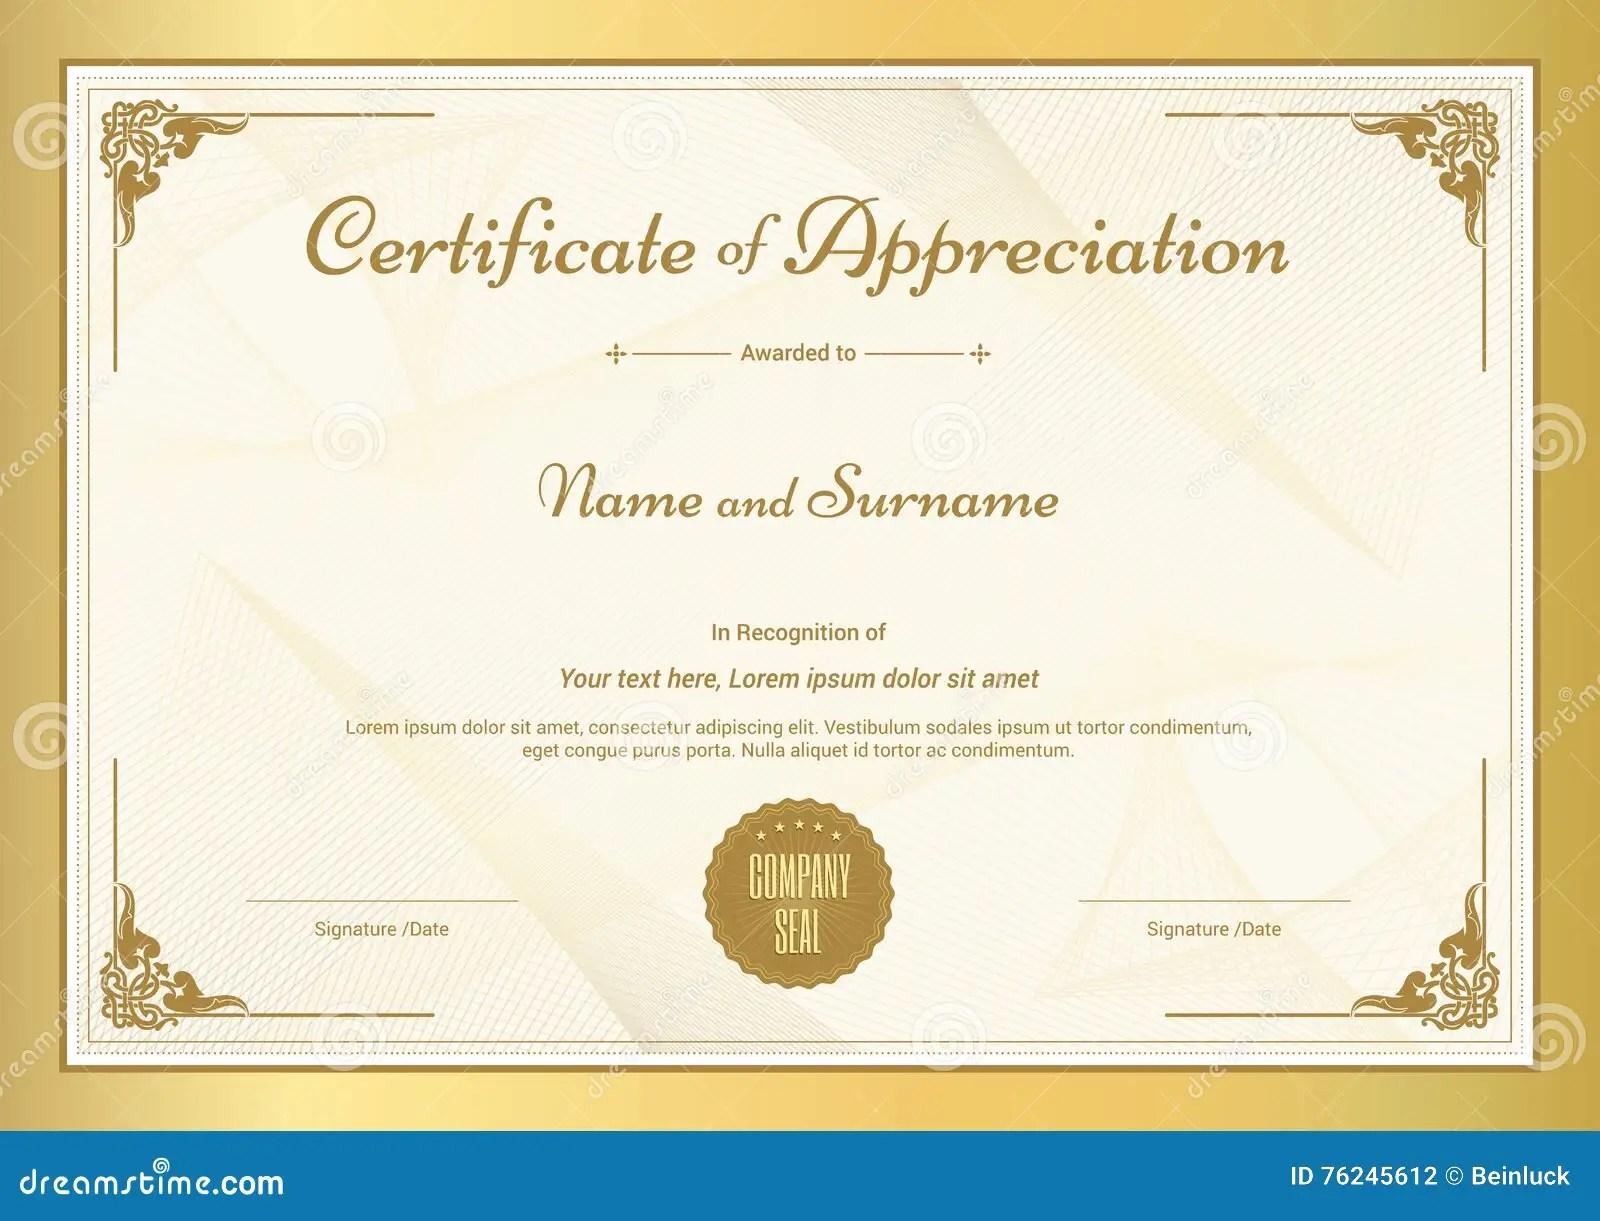 certificate border template resume builder certificate border template christmas border template 2020siteorg certificate of appreciation template gold border stock